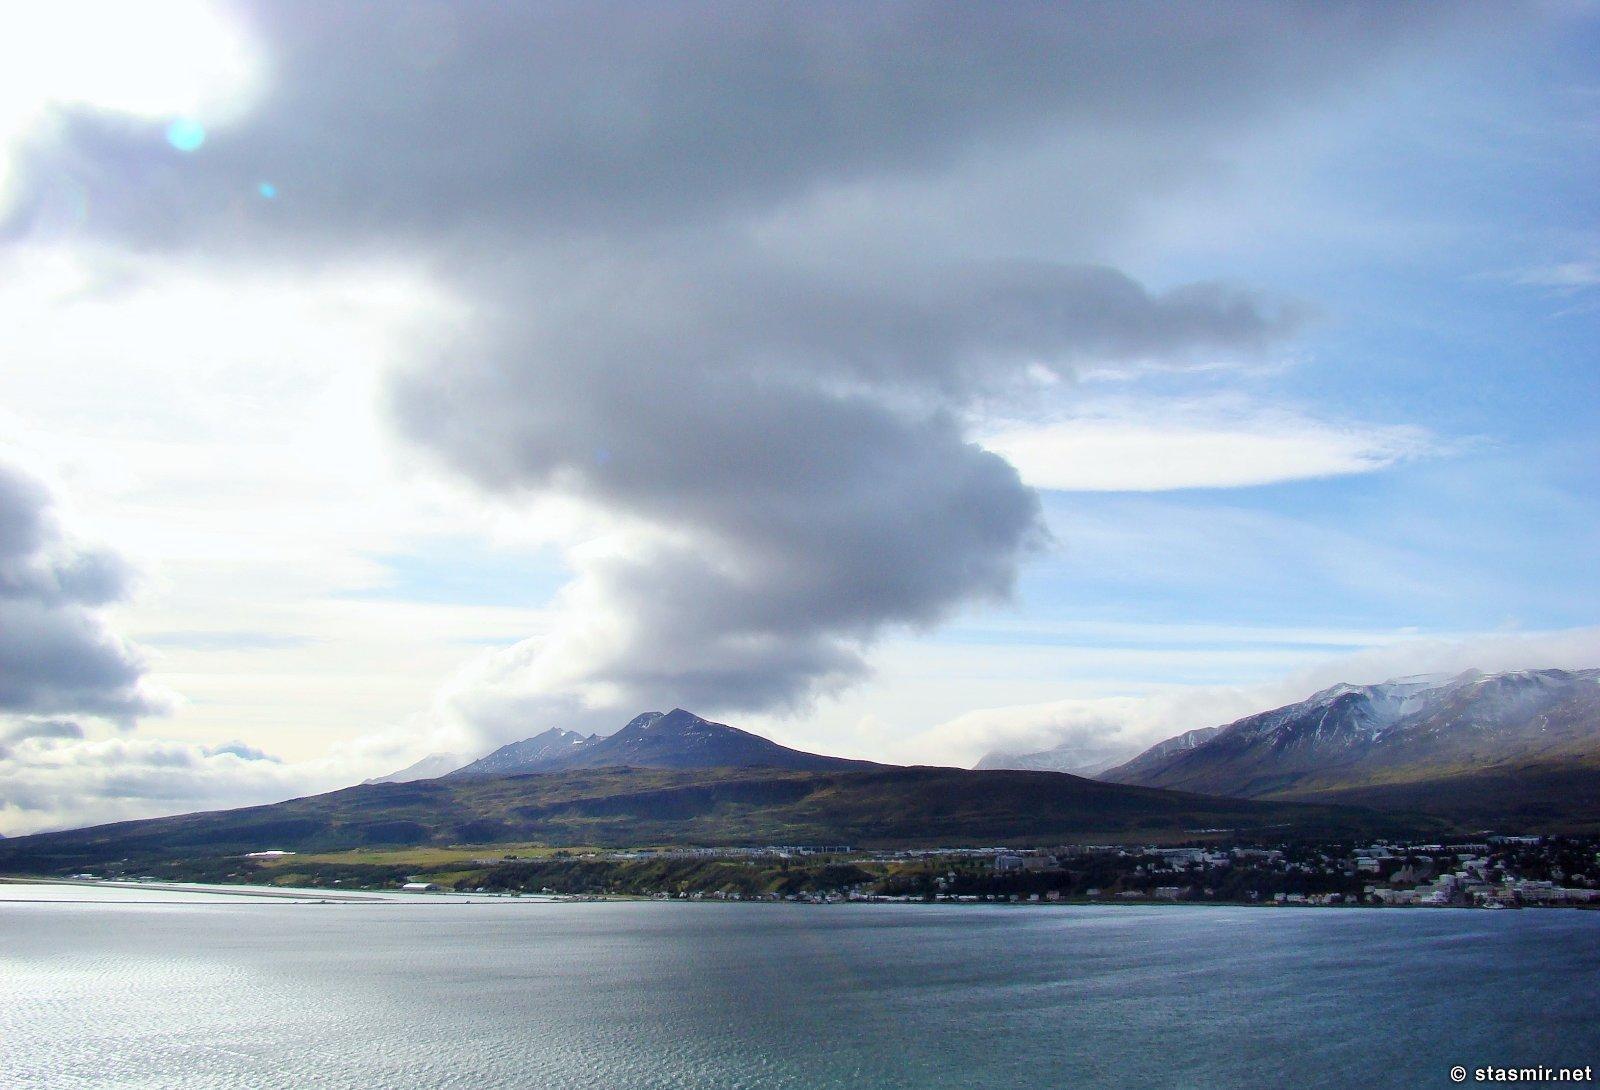 Брильянтовое кольцо Исландии, Акюрейри, Eyjafjörður, Эйя-фьорд, Северная Исландия, Акюрейри, Photo Stasmir